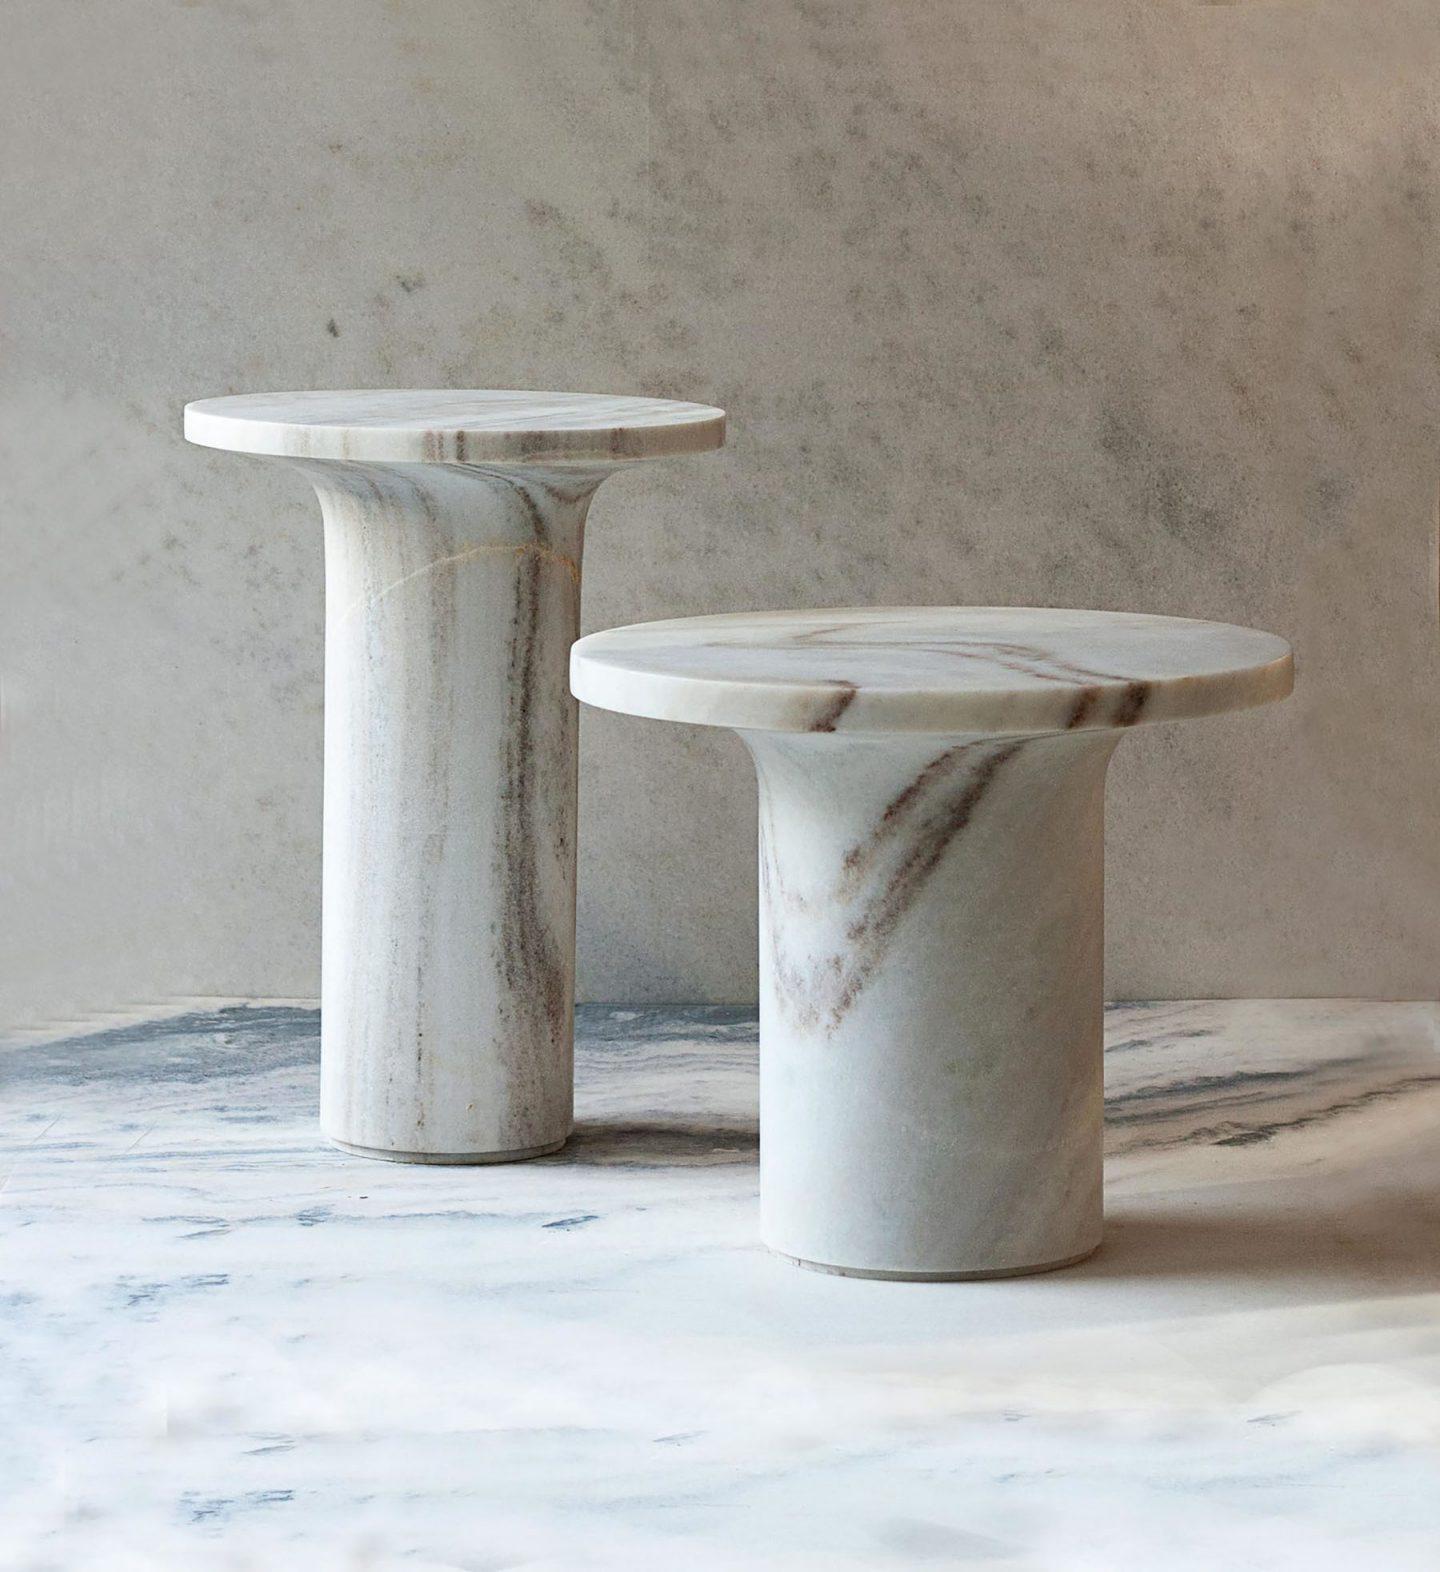 iGNANT-Design-Raw-Material-016